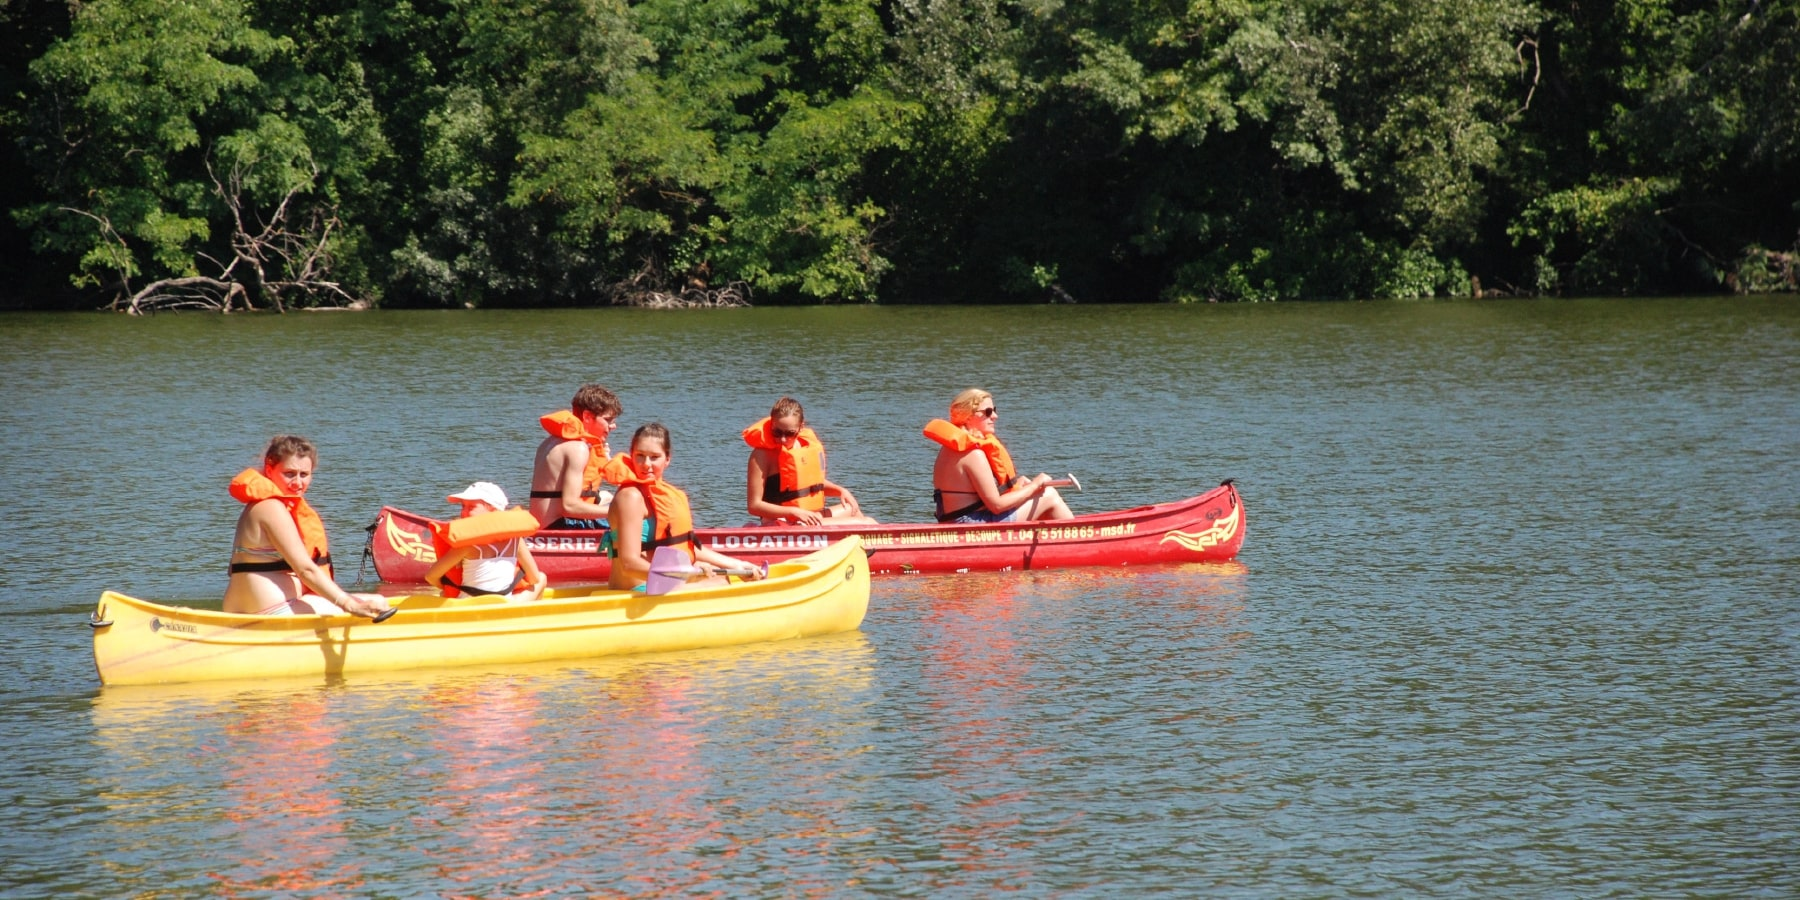 sport-activite-eau-riviere-sud-ardeche_1800x900_acf_cropped